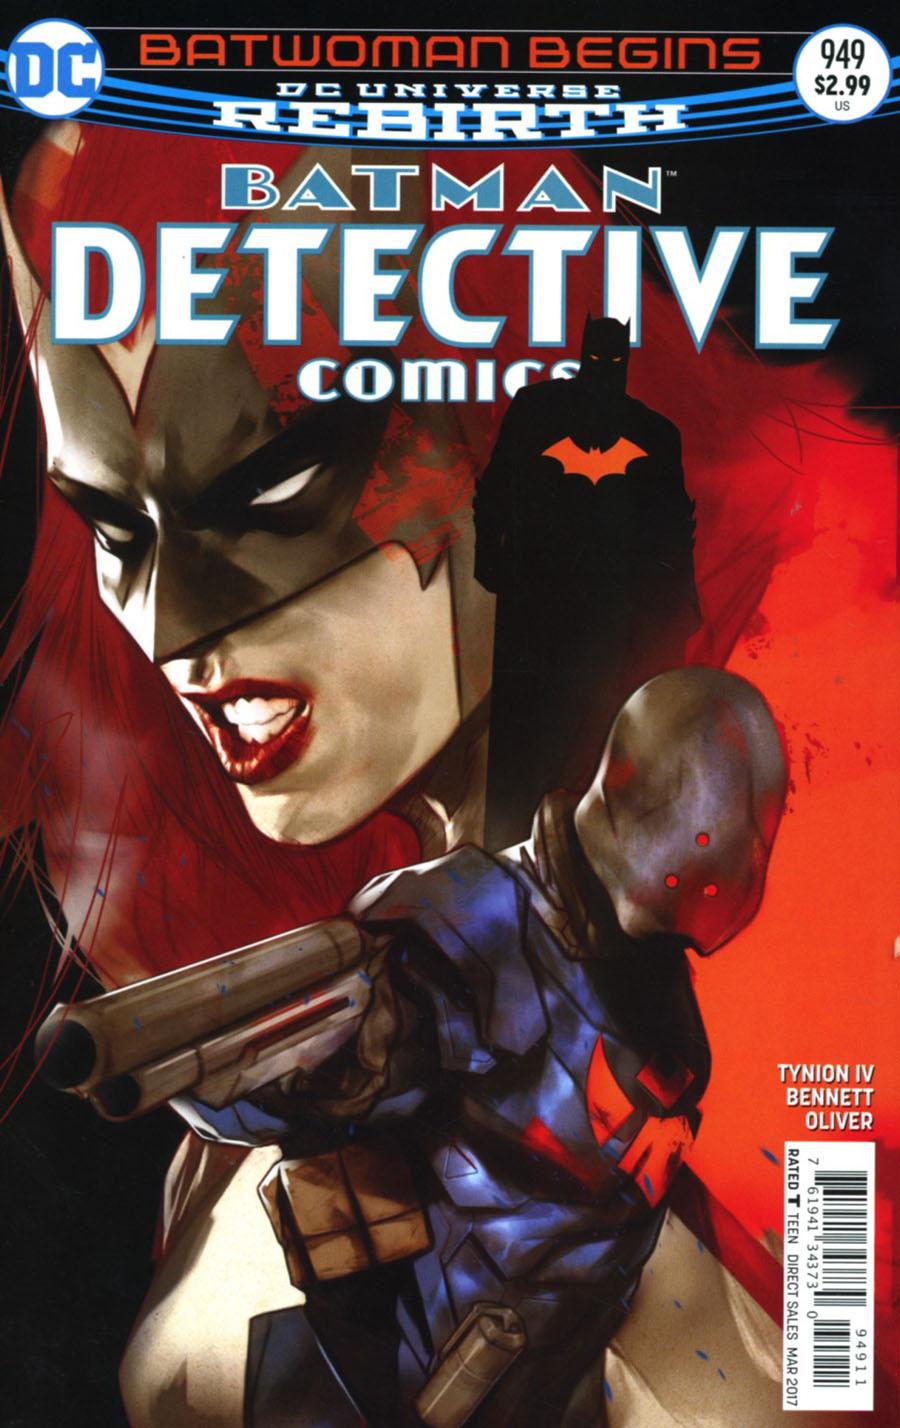 Batman - Detective Comics 949 - Batwoman begins - Part 2